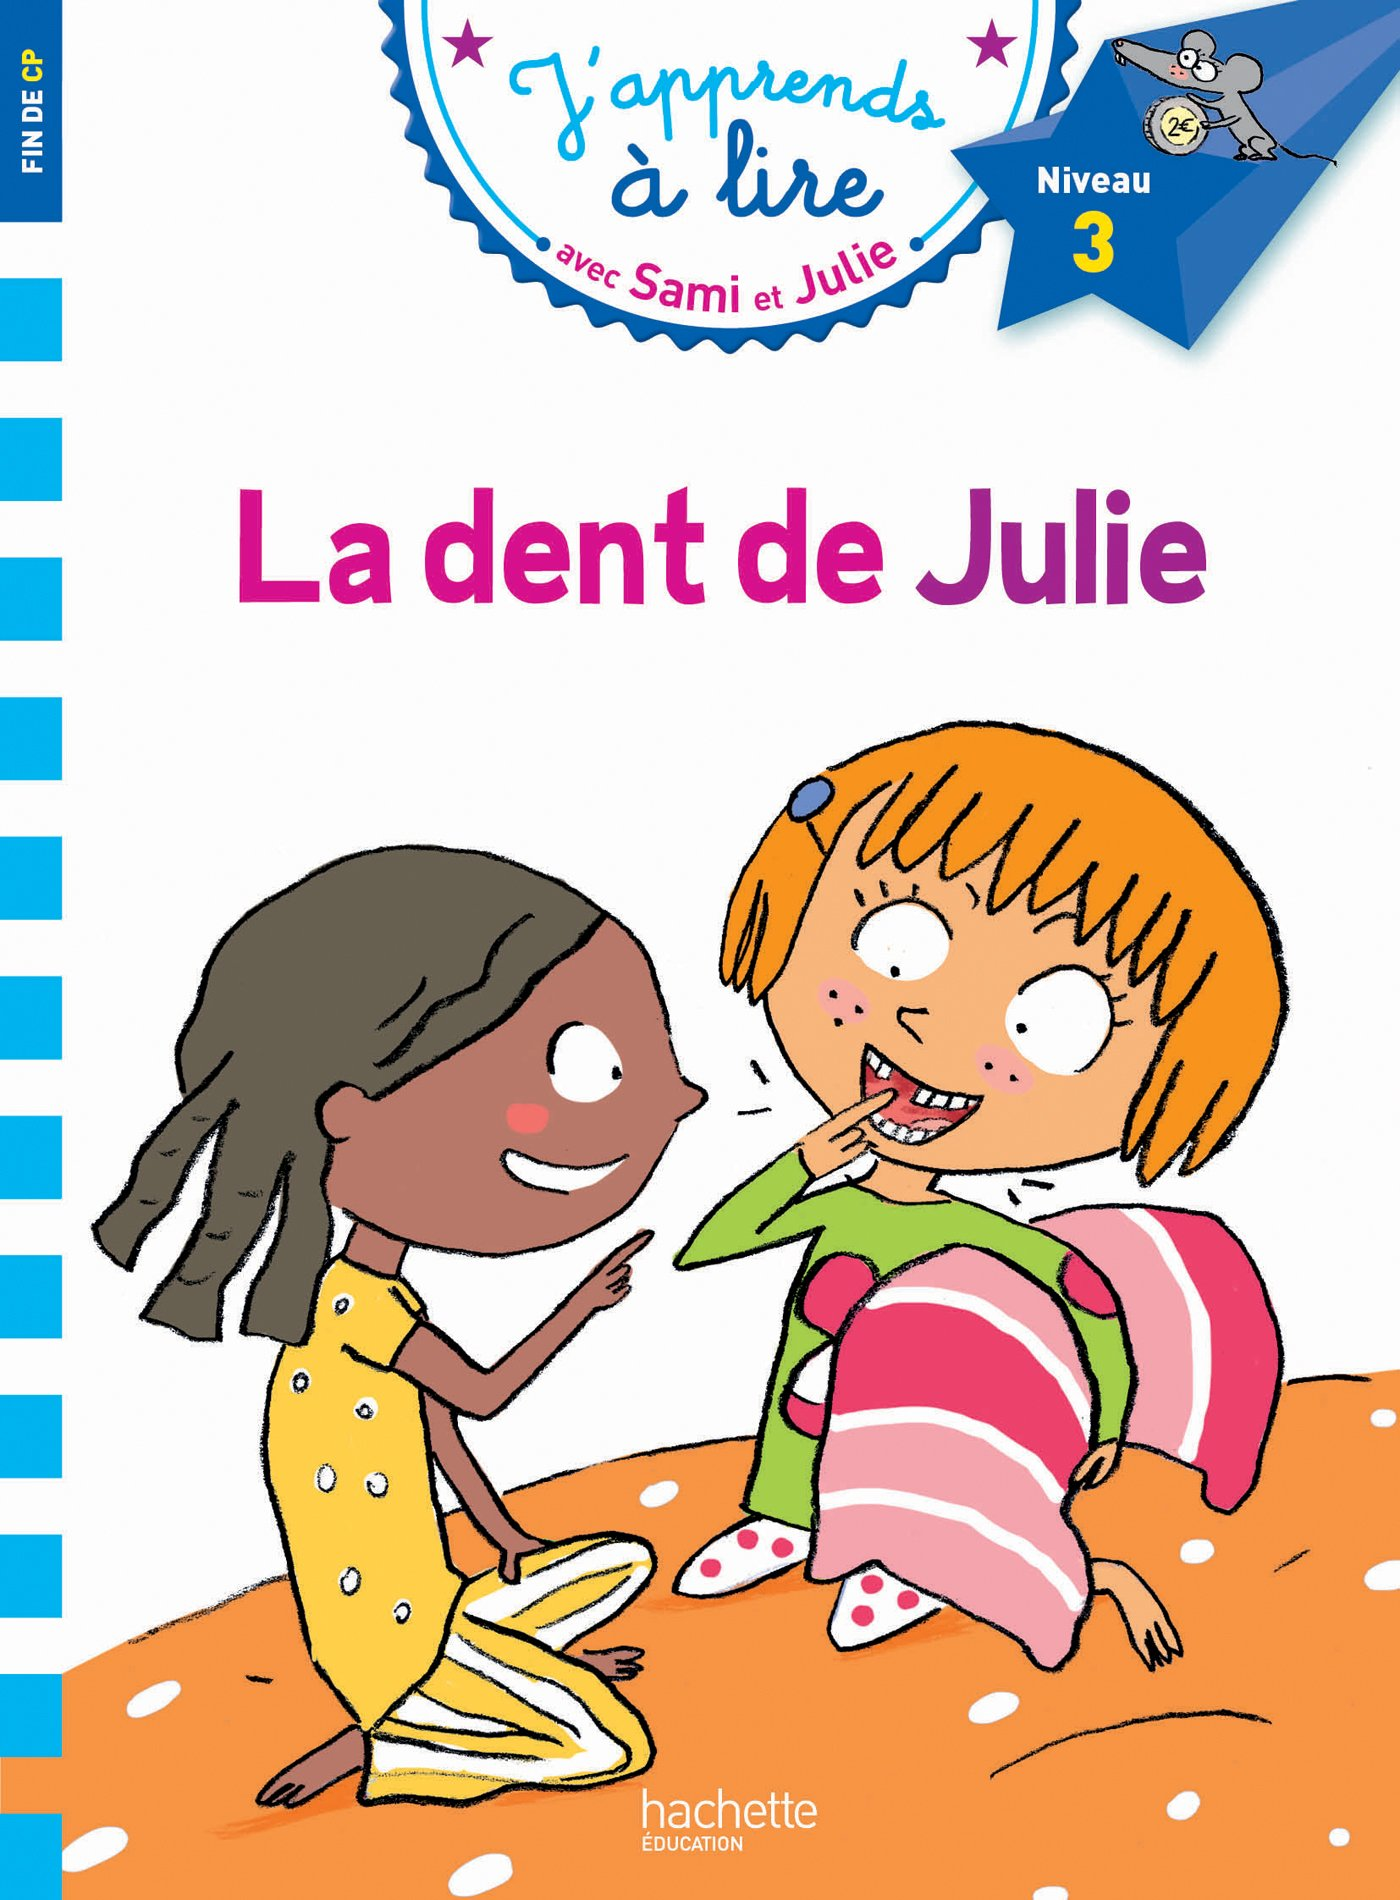 Sami Et Julie Cp Niveau 3 La Dent de Julie (J'Apprends Avec Sami Et Julie) (French Edition) pdf